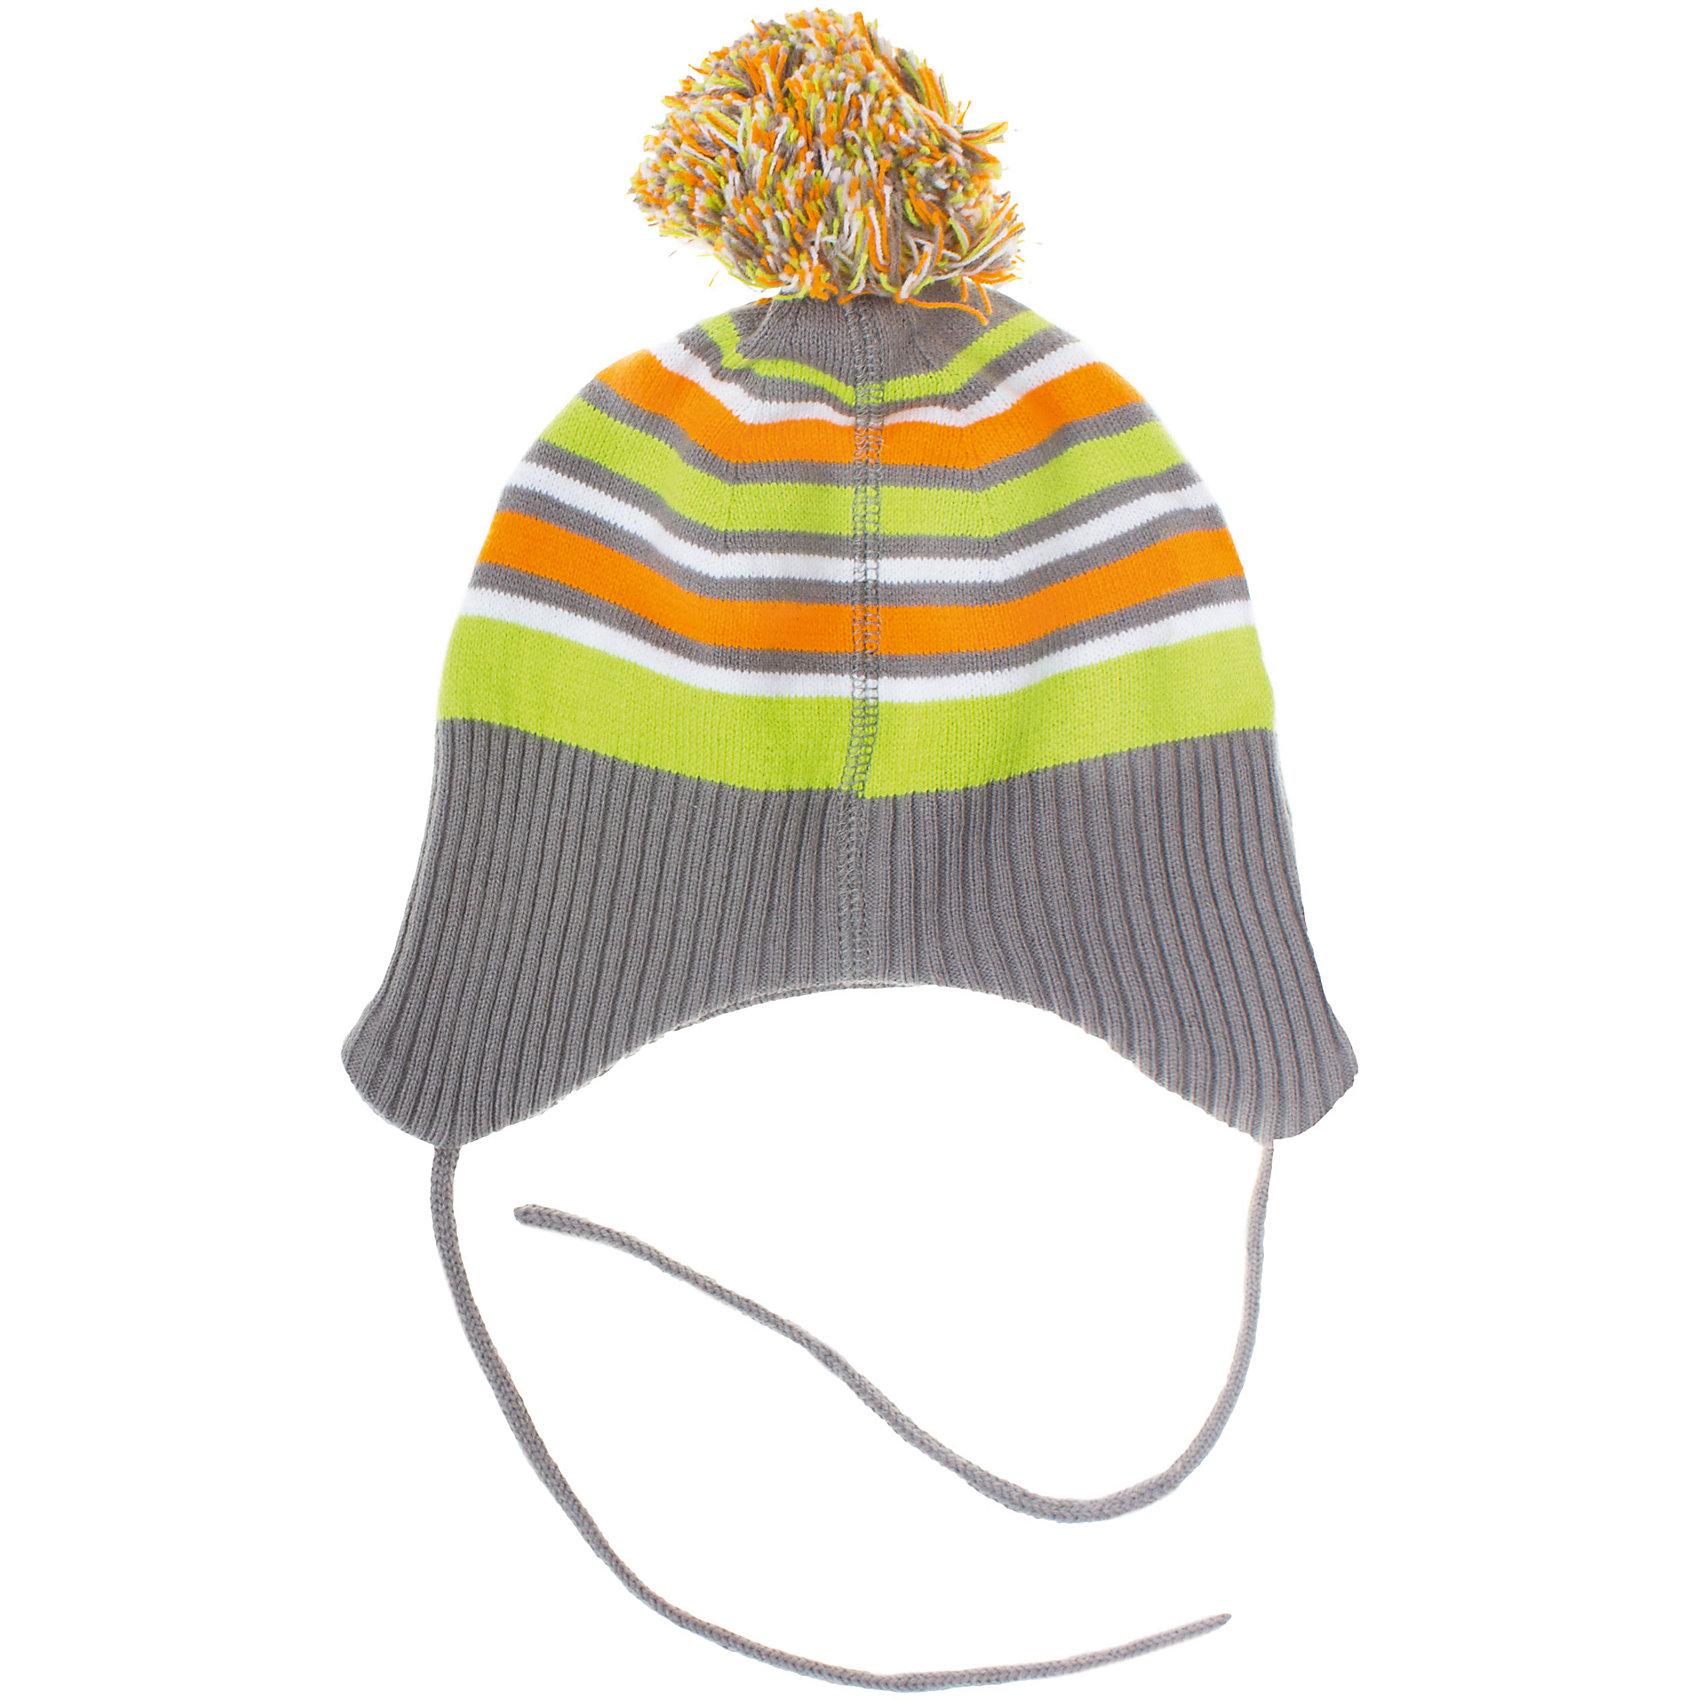 Шапка для мальчика PlayTodayШапка для мальчика PlayToday Теплая трикотажная шапка для осенней погоды. Есть яркий помпон из завязки. Состав: 60% хлопок, 40% акрил<br><br>Ширина мм: 89<br>Глубина мм: 117<br>Высота мм: 44<br>Вес г: 155<br>Цвет: серый<br>Возраст от месяцев: 12<br>Возраст до месяцев: 15<br>Пол: Мужской<br>Возраст: Детский<br>Размер: 46,48<br>SKU: 4229058